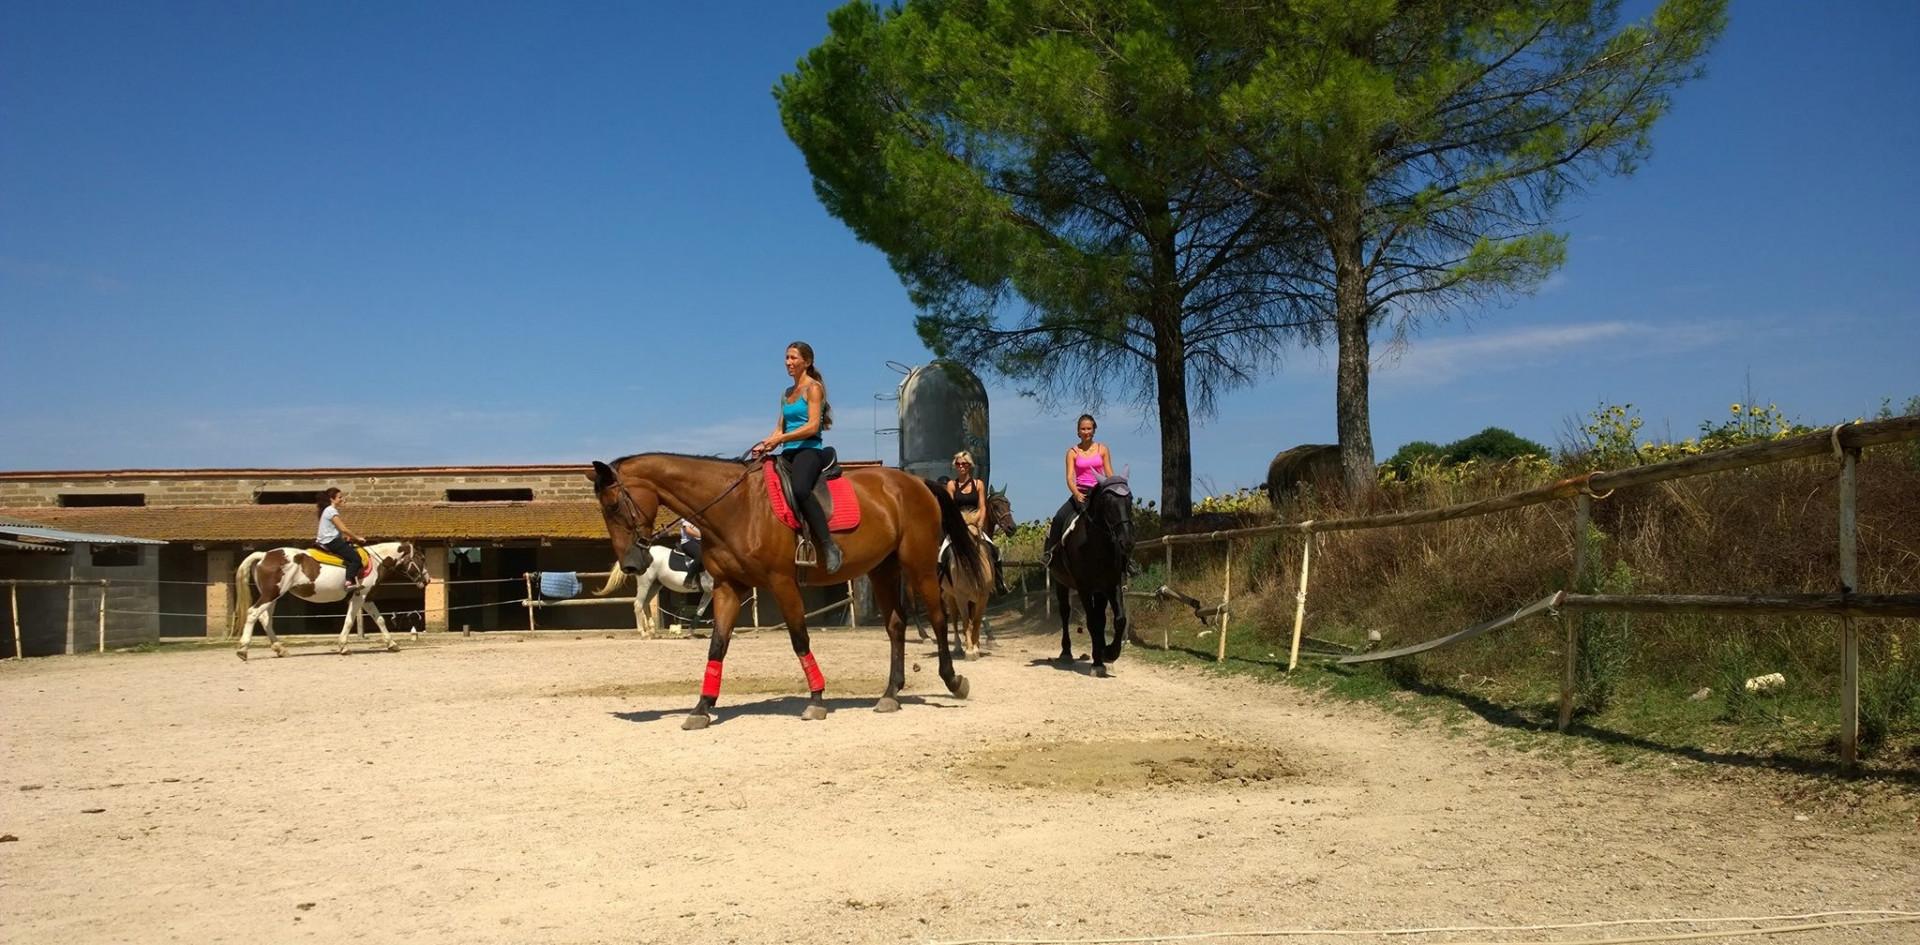 Lezione introduttiva di equitazione in provincia di Perugia